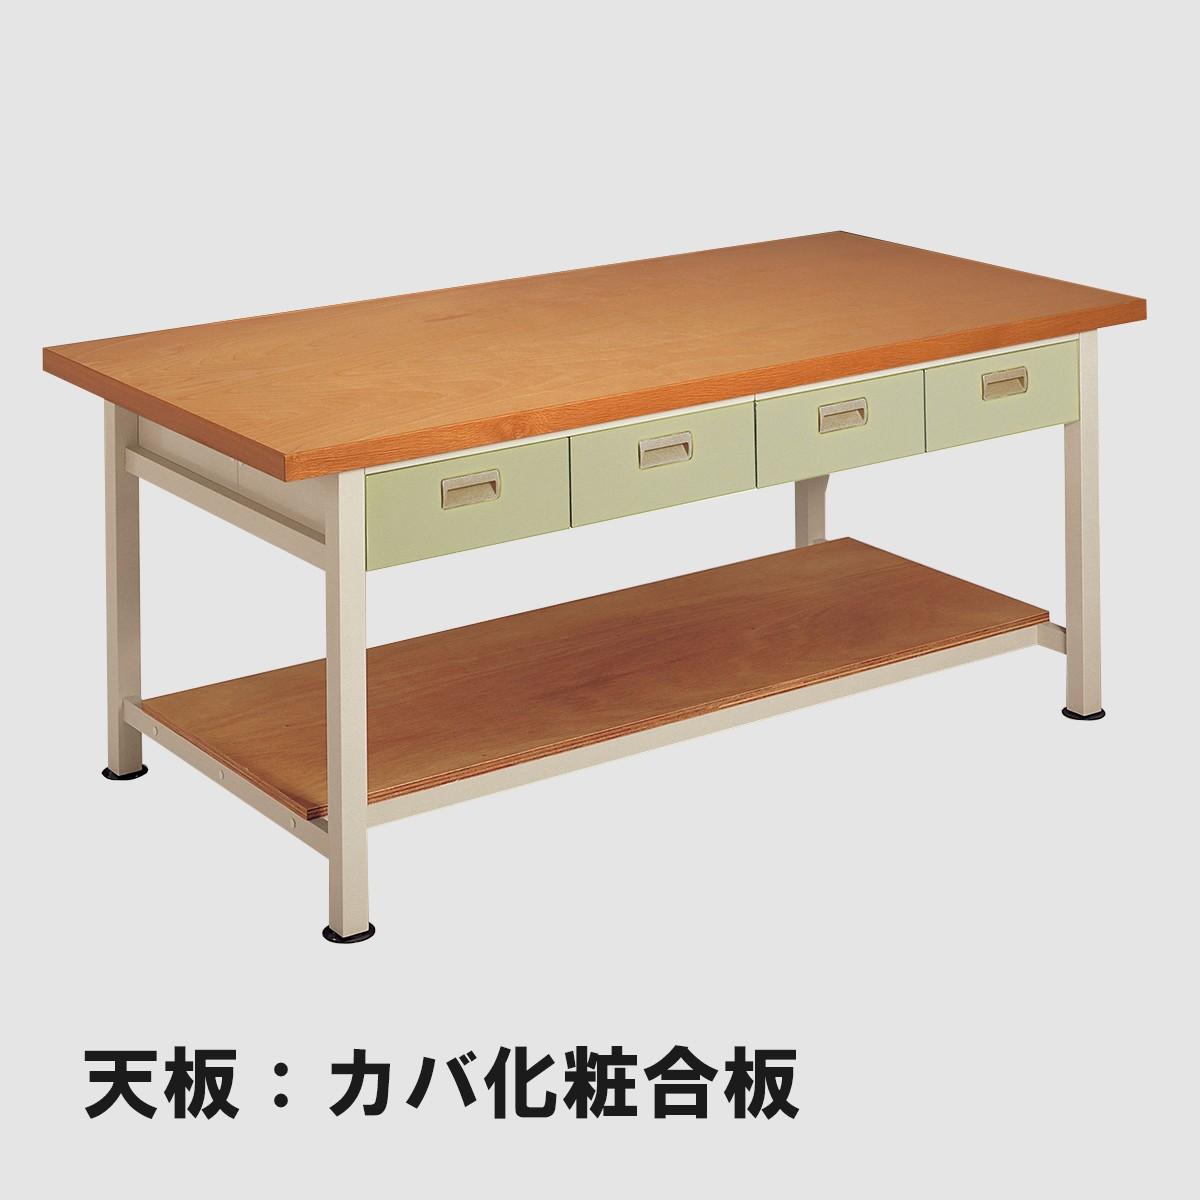 <お取り寄せ品※代引きキャンセル不可> 工作台 MT-211-K 天板:カバ化粧合板 【 工作台 机 木製 図工室 美術室 】